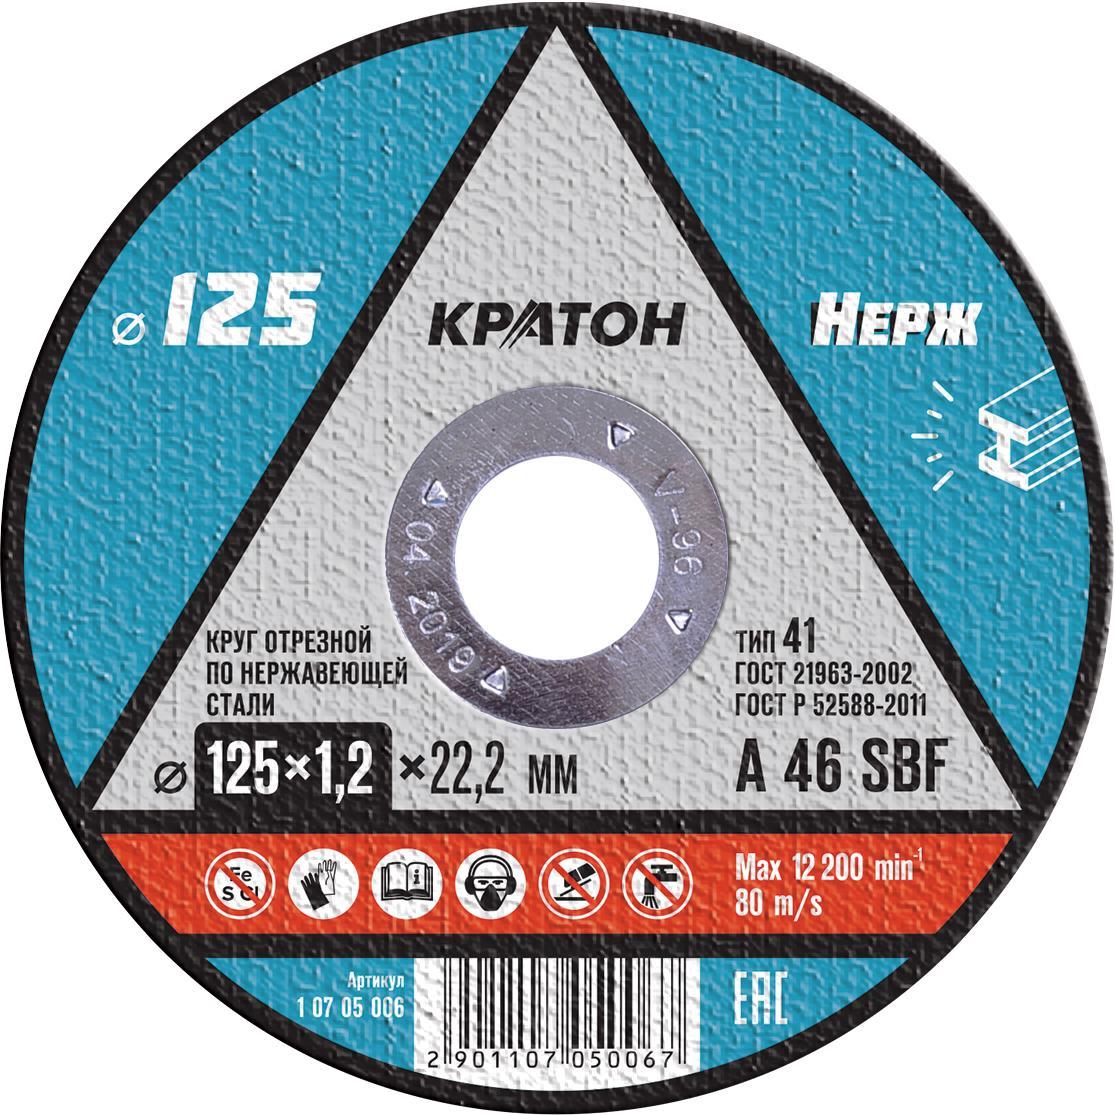 Cutting Circle KRATON A46SBF 1 07 05 006